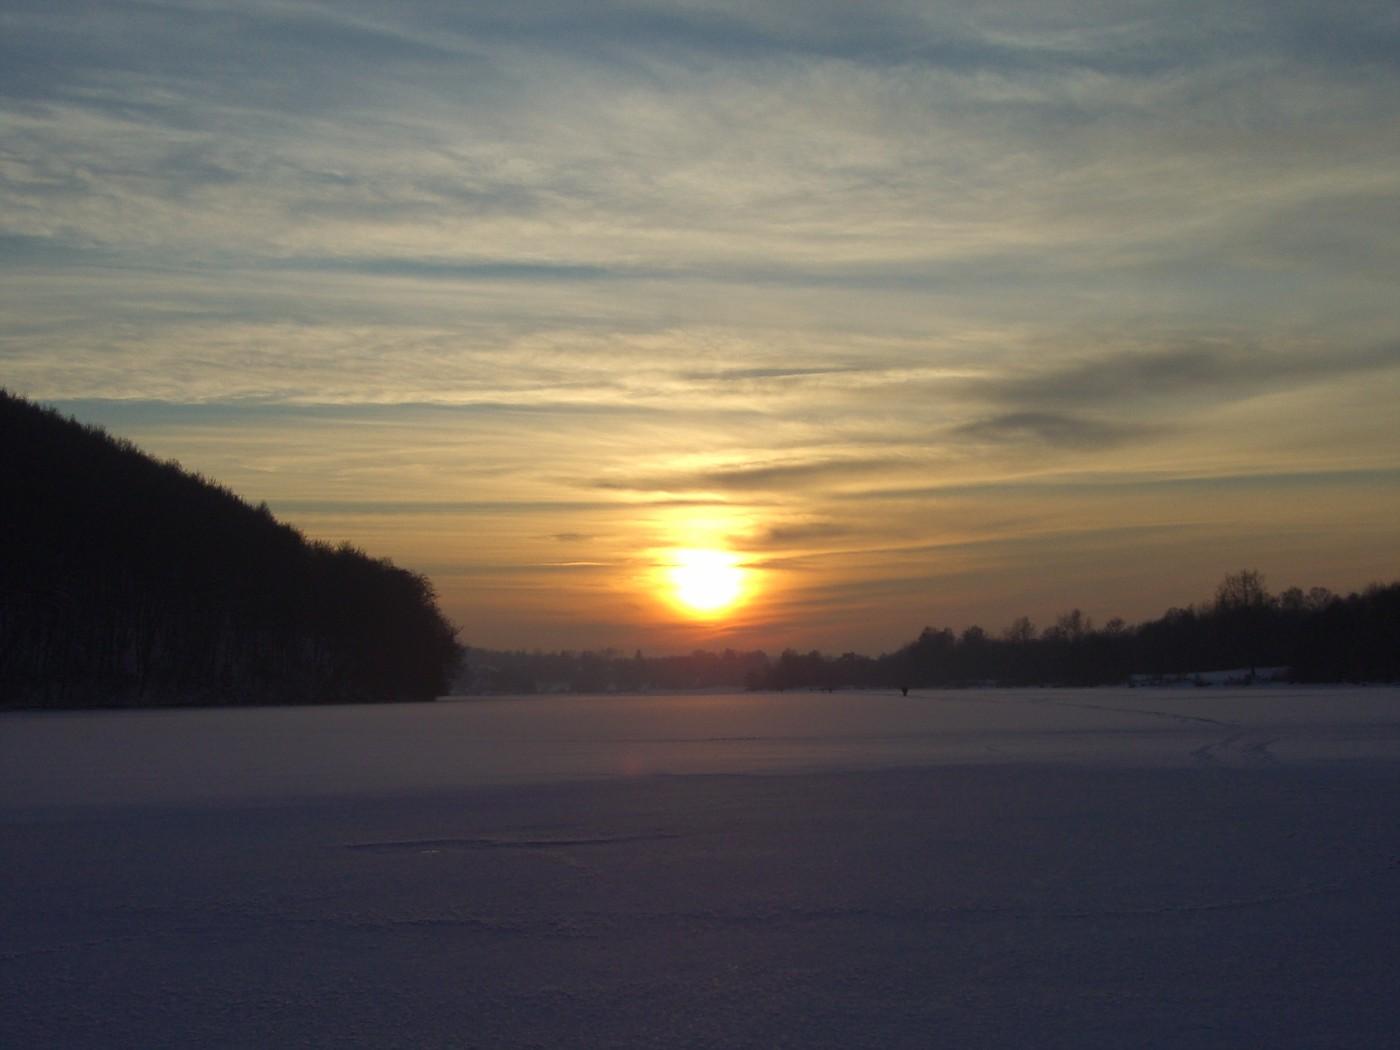 Sonnenuntergang über dem gefrorenen See